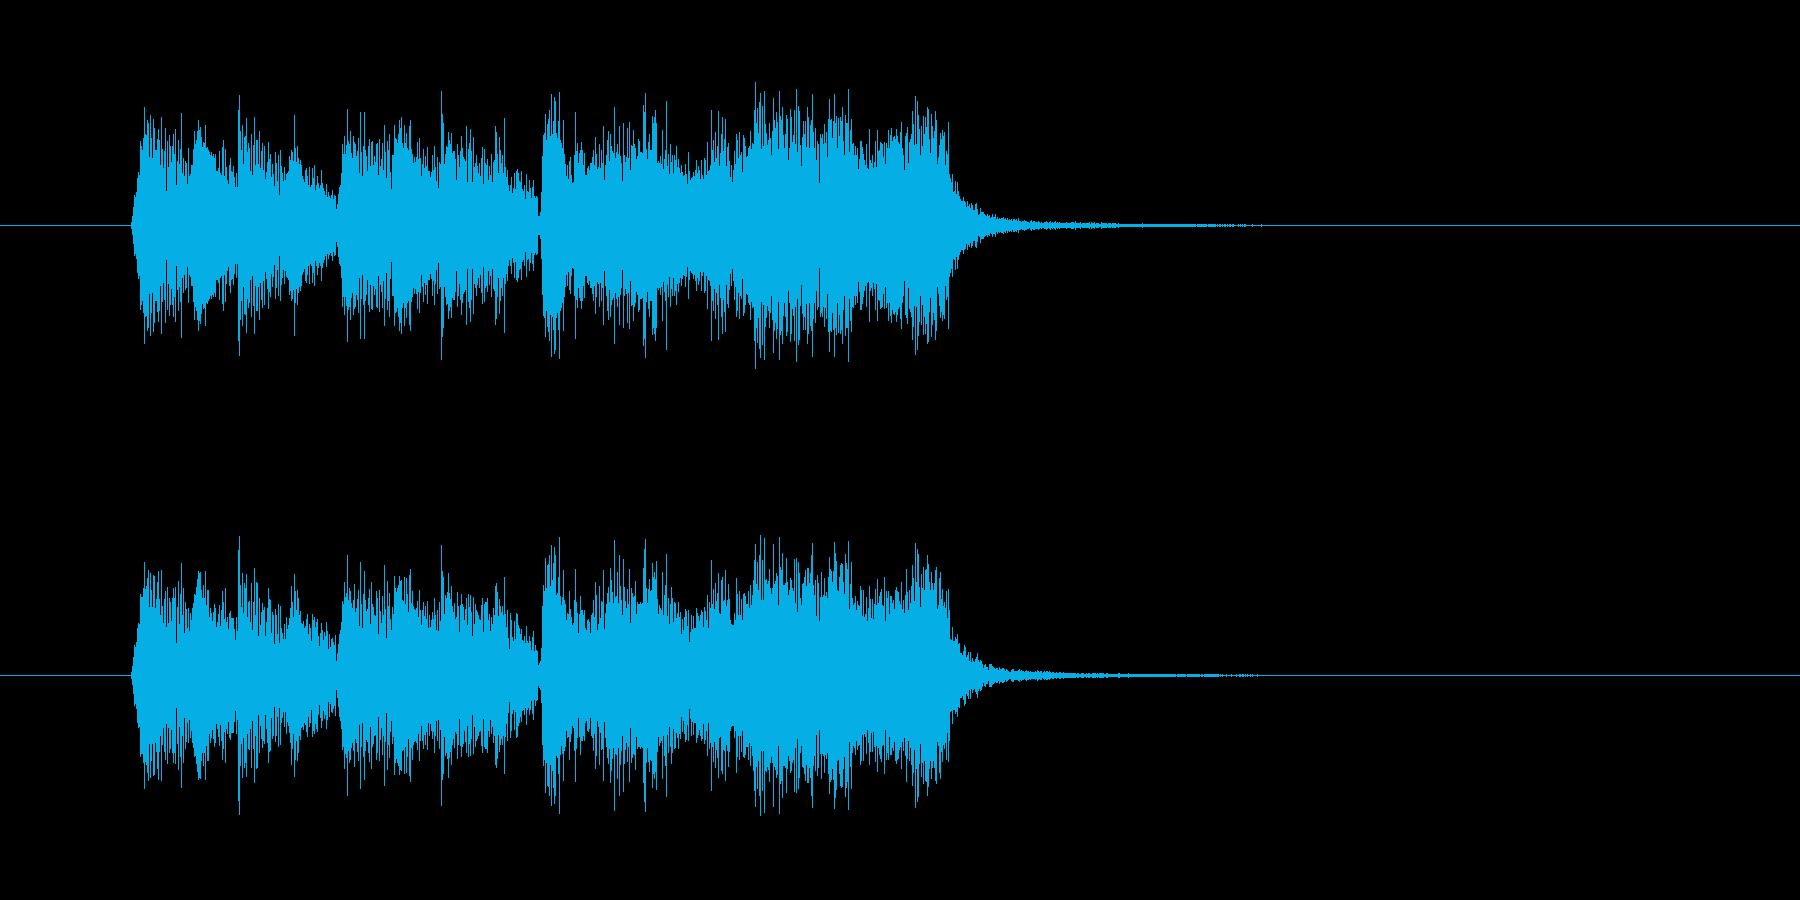 ひょうきんなオーケストラBGMの再生済みの波形